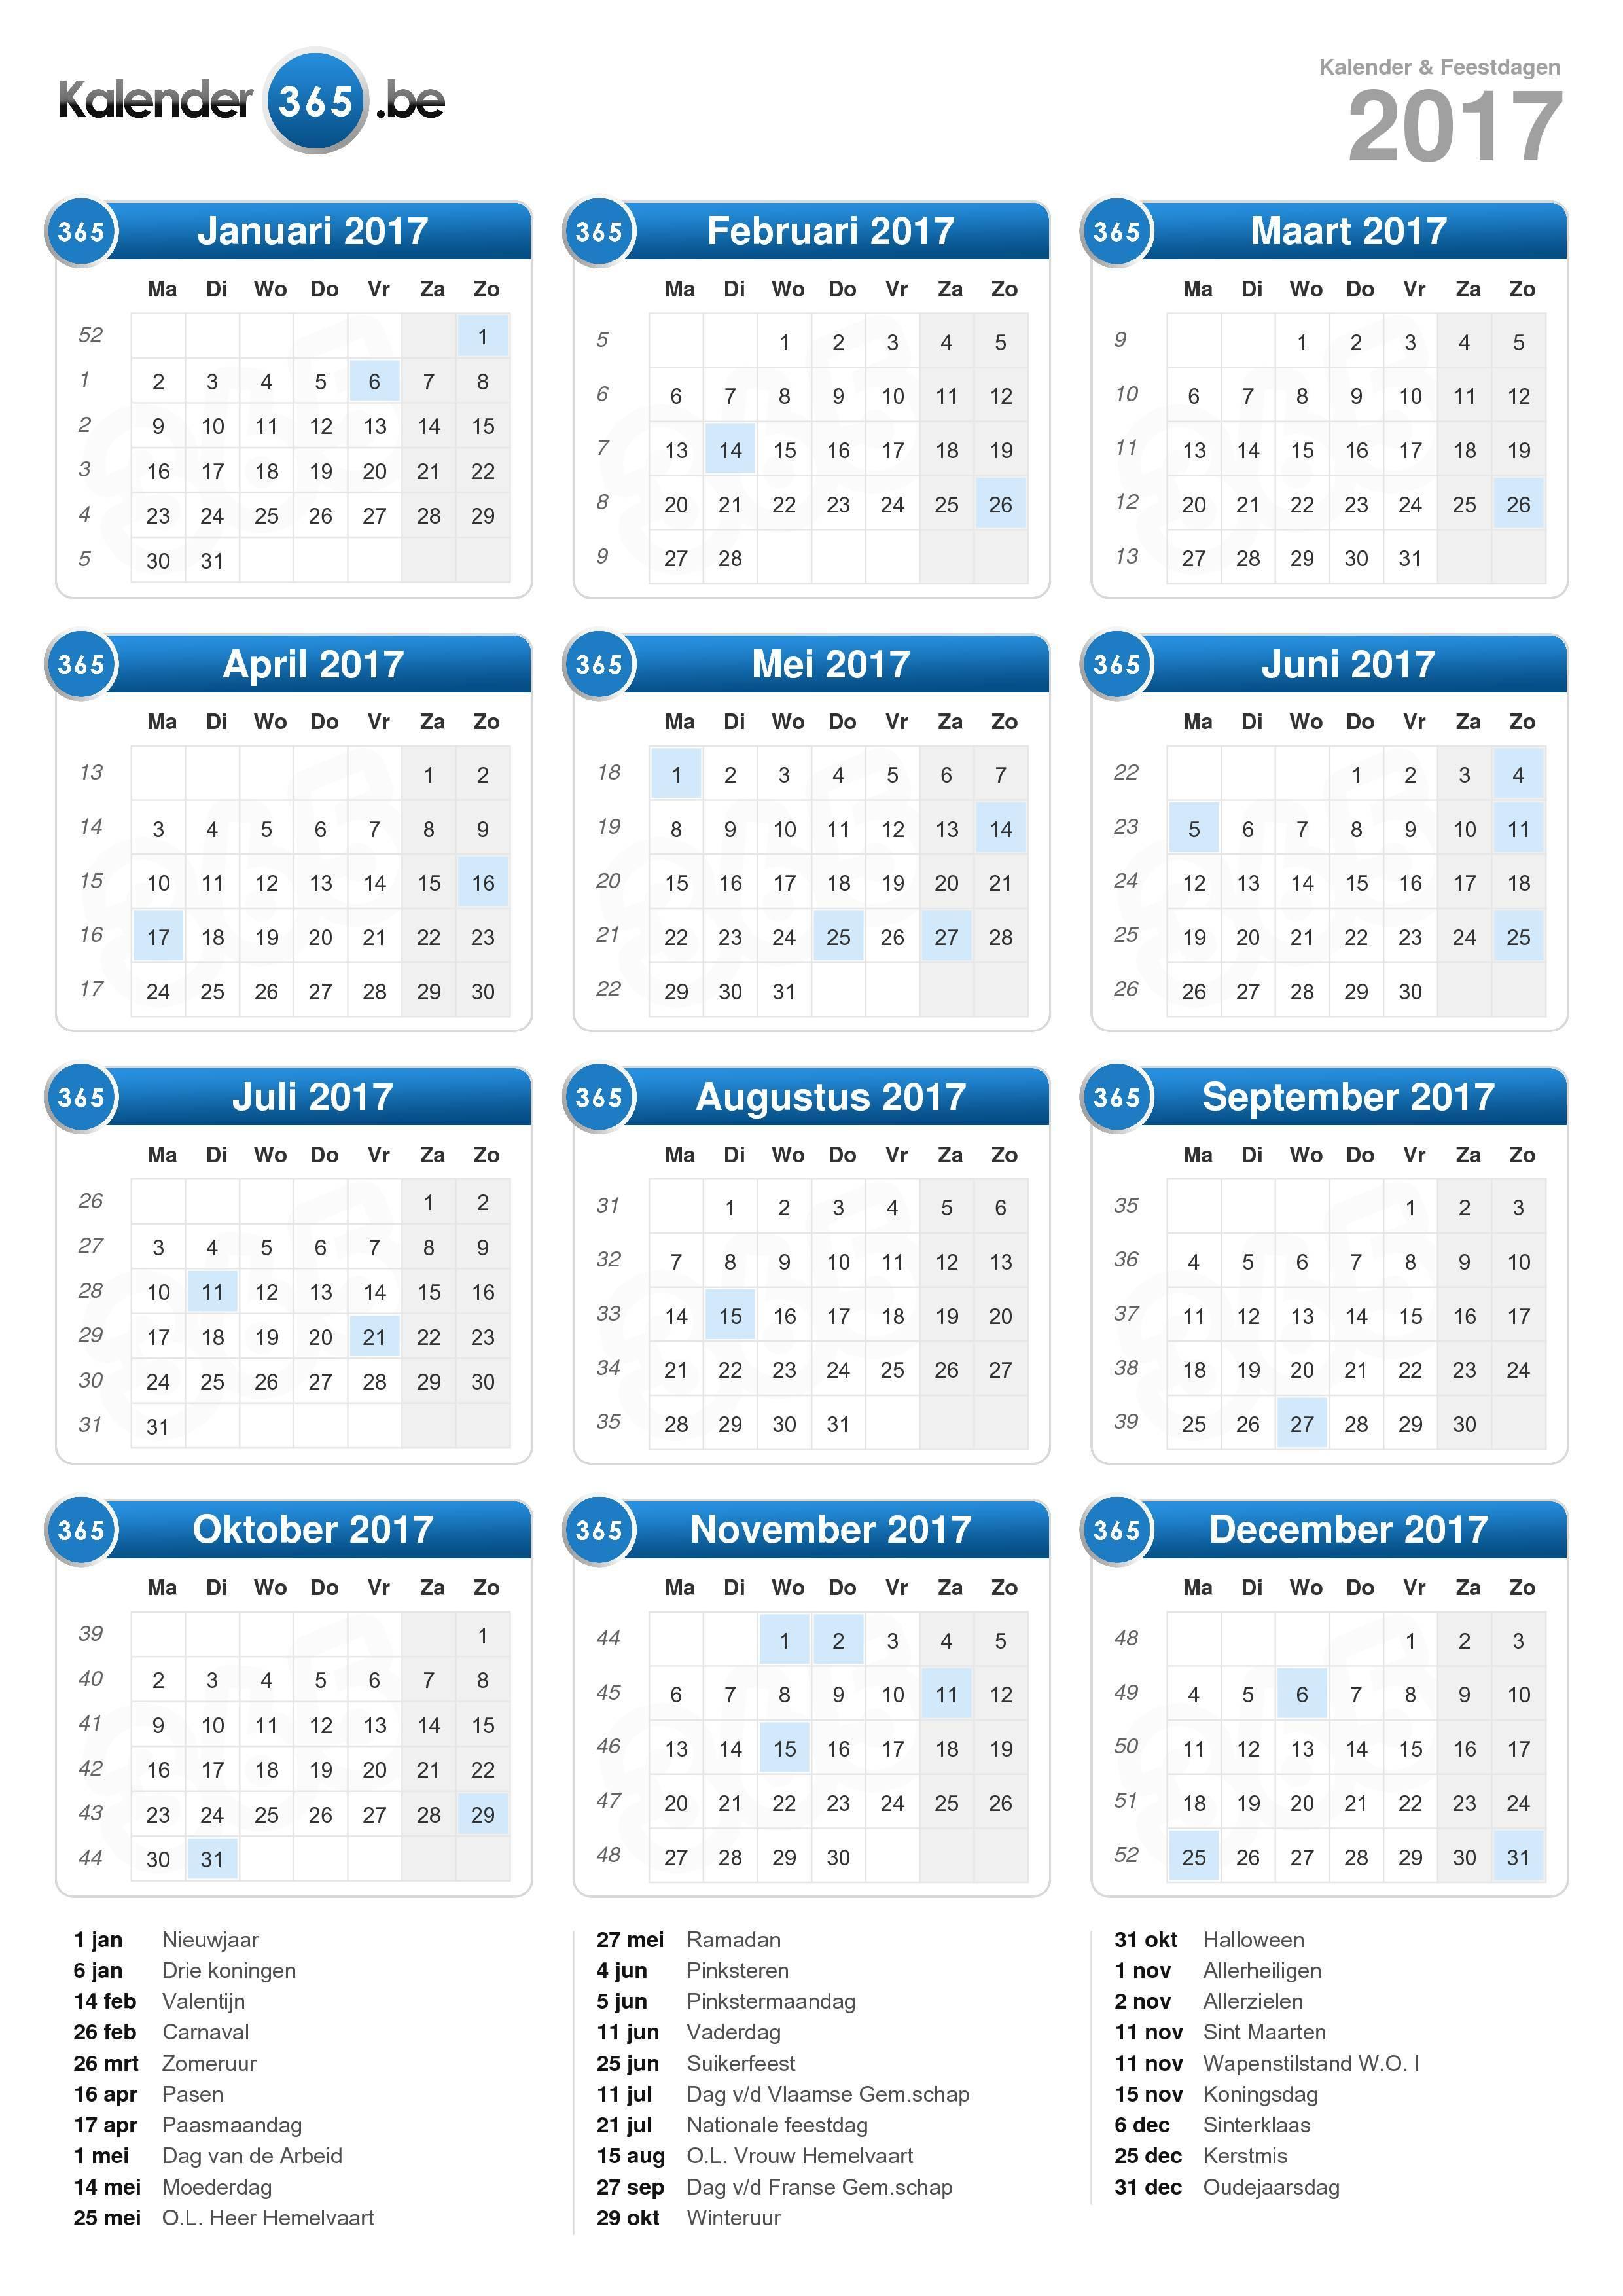 Kalender 2017 (staand formaat)